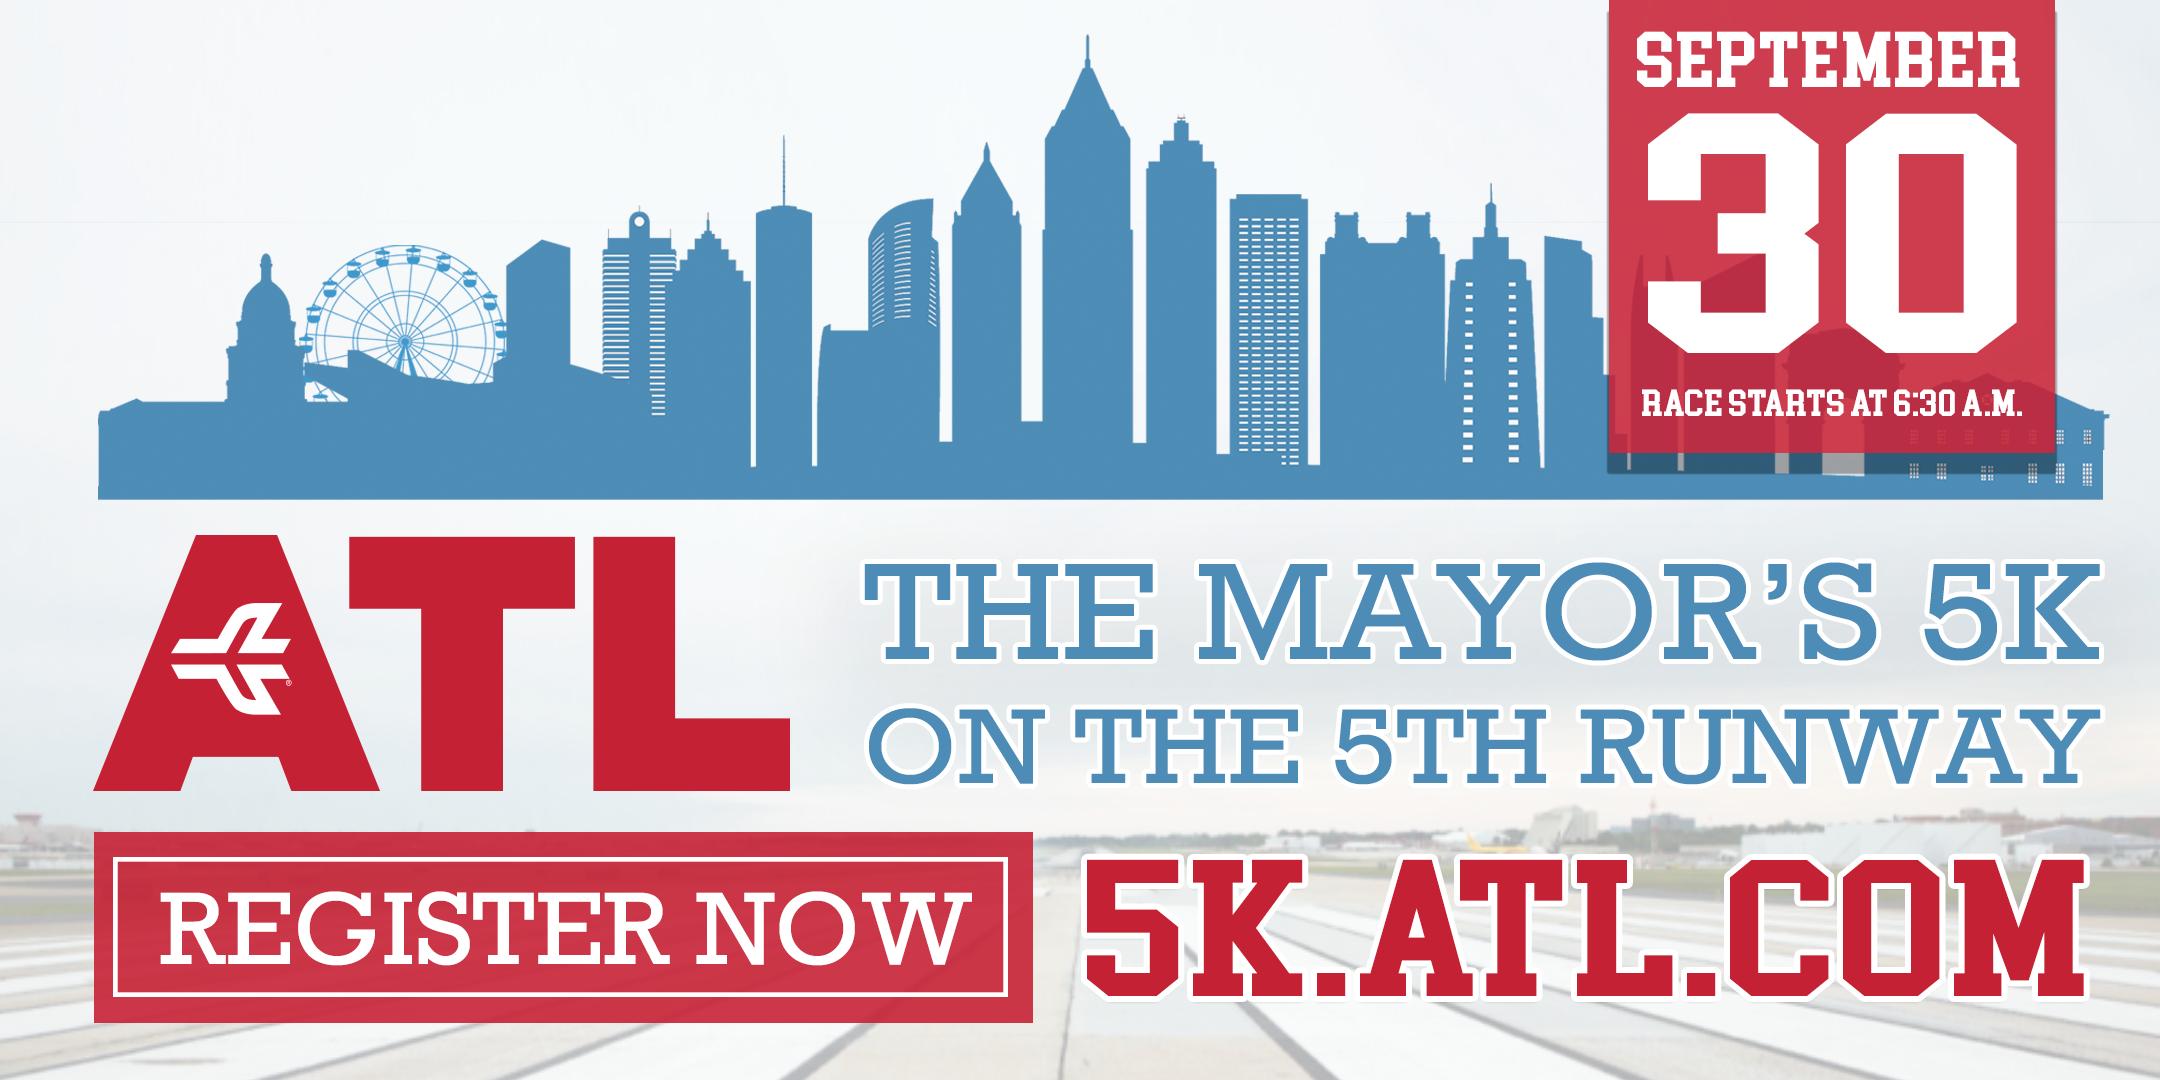 ATL Mayors 5k